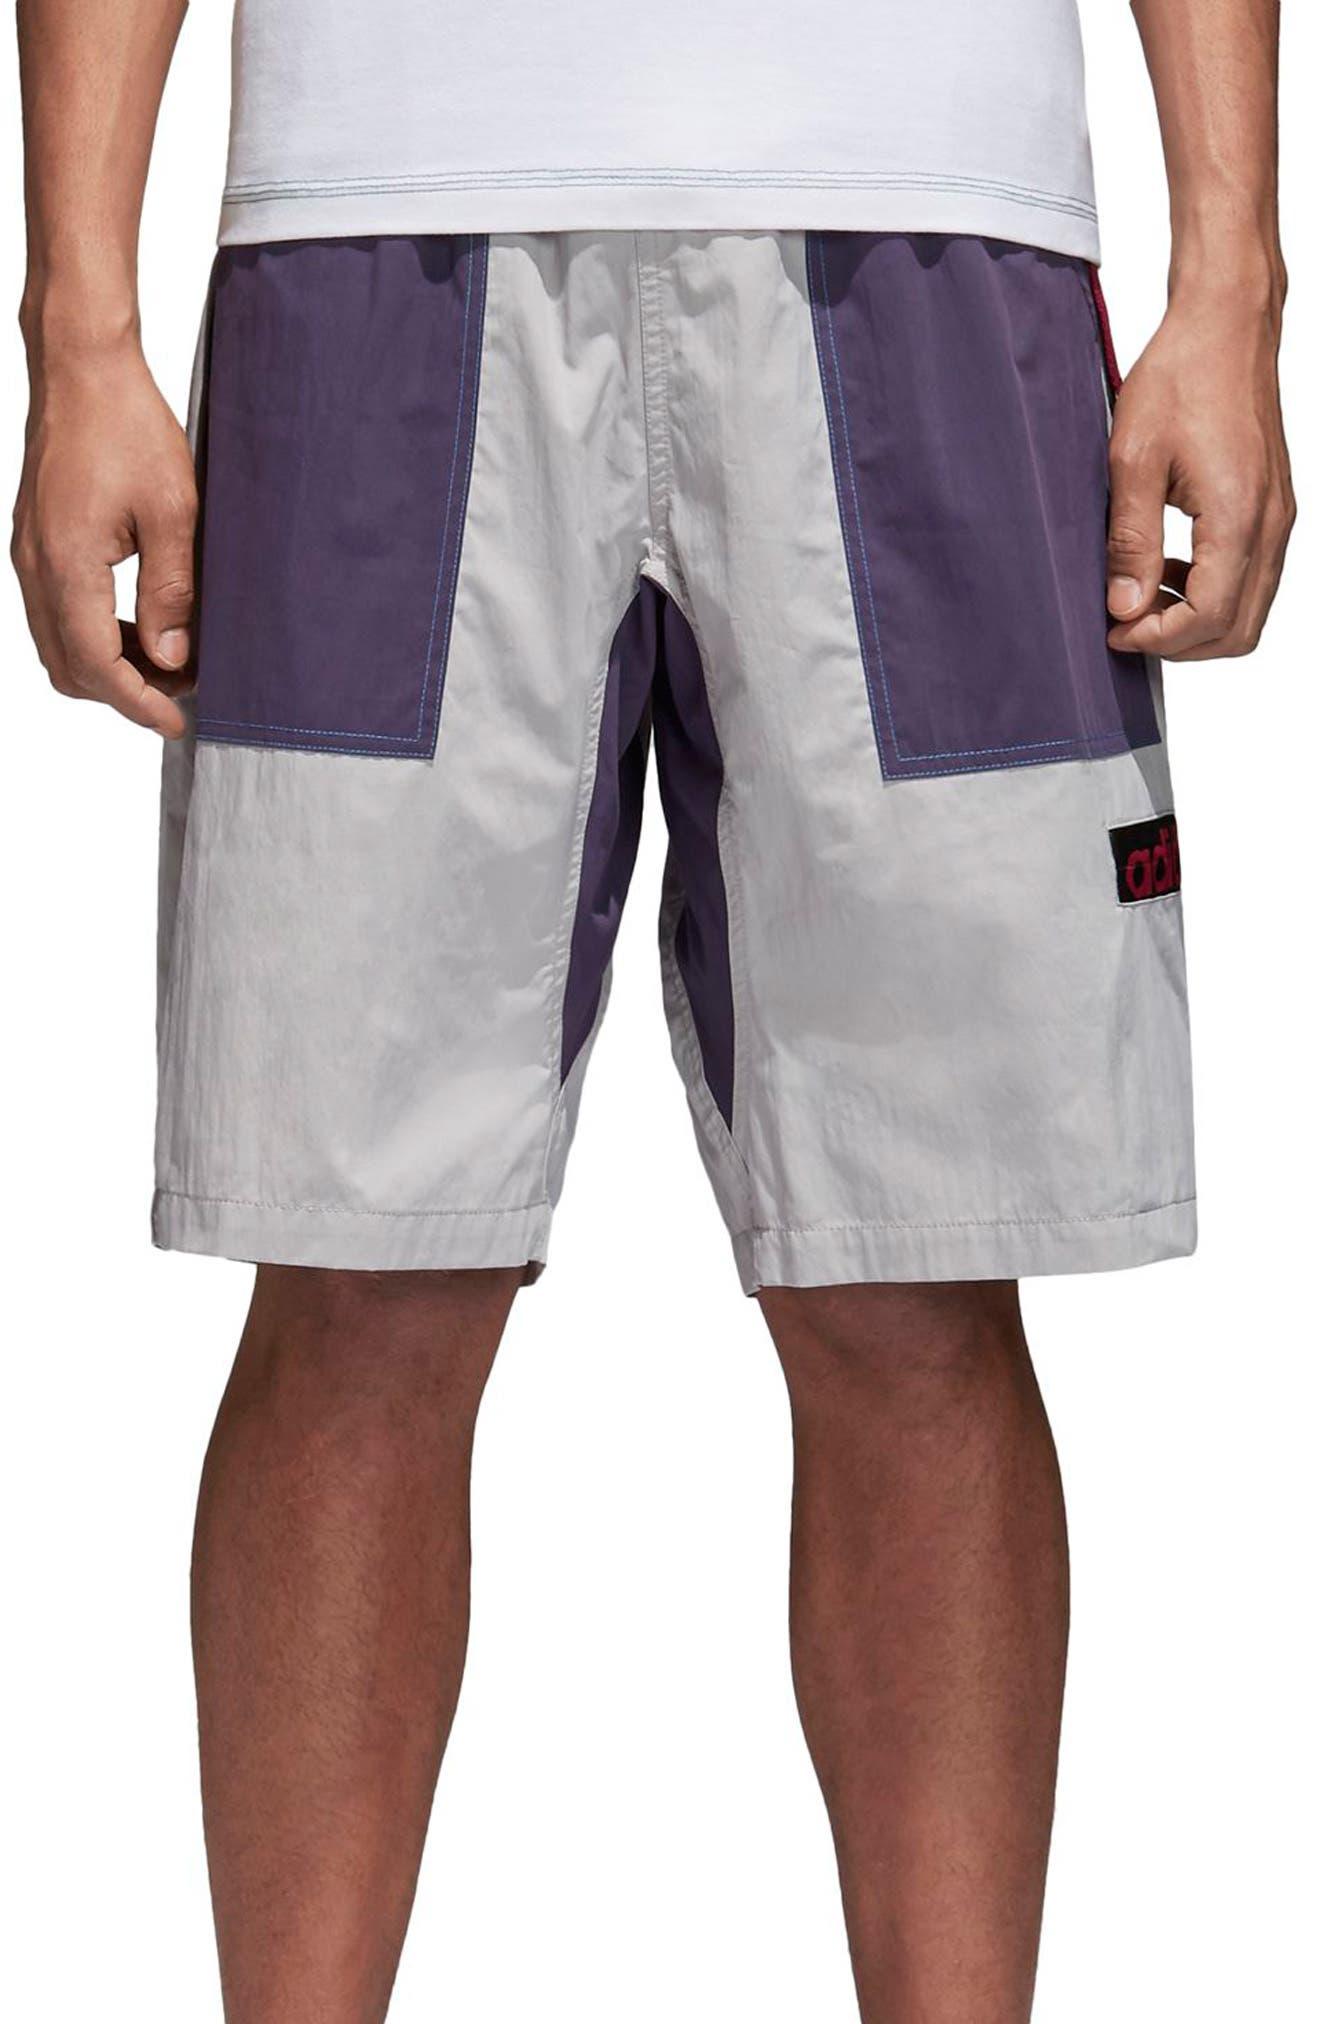 ADIDAS ORIGINALS Atric Shorts, Main, color, 033